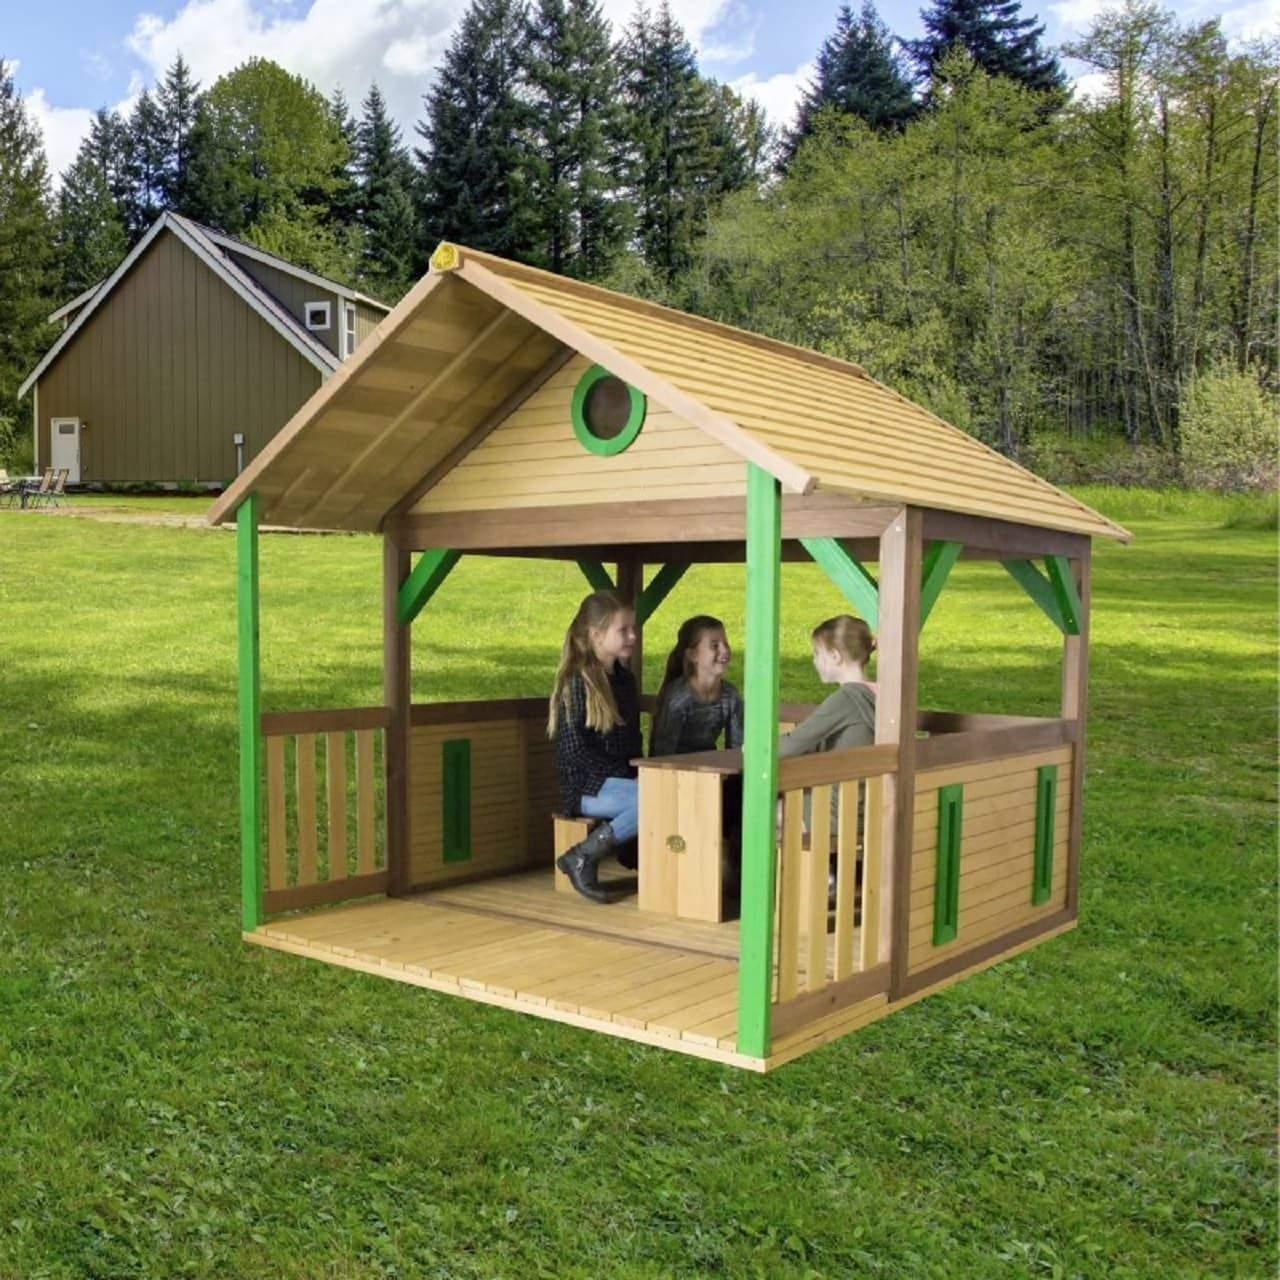 Holz Pavillon Garten Schön Spielhaus Zazou Pavillon Holz Kinderspielhaus